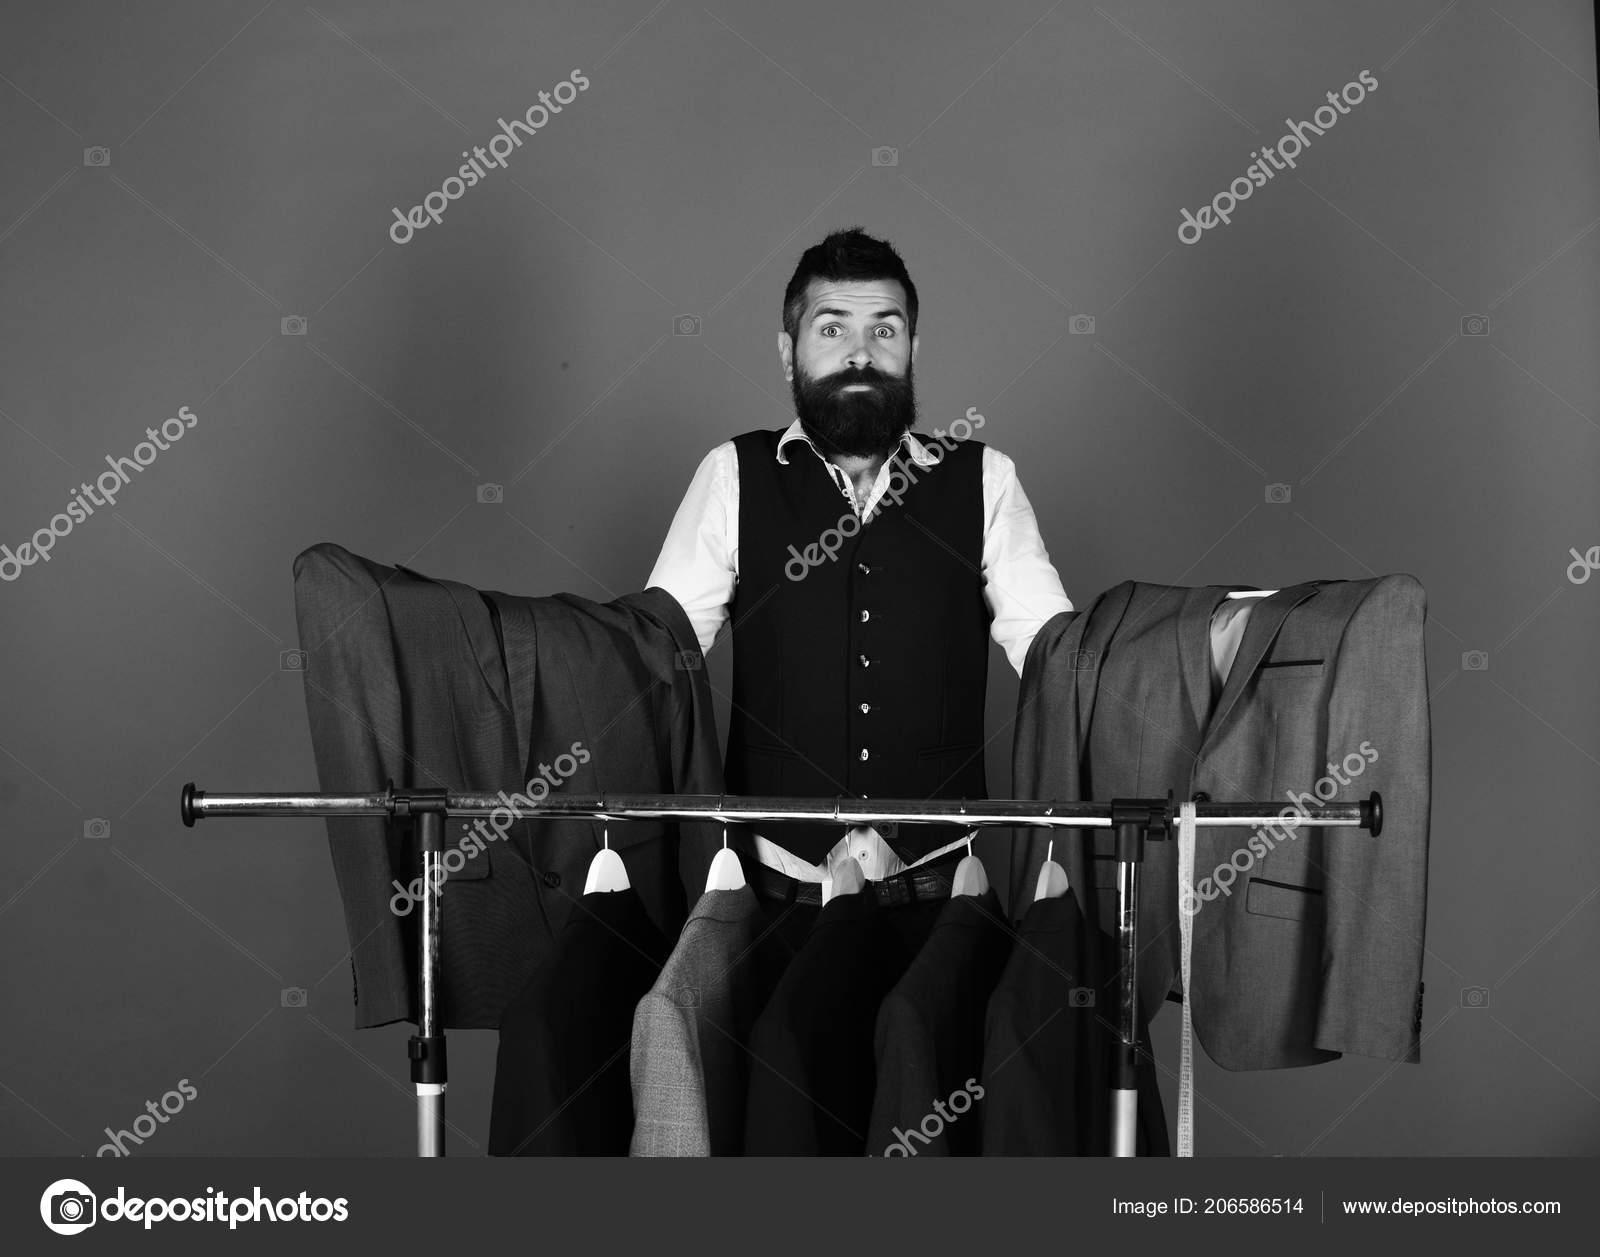 8c61e61cd Férfi szakállal által ruhát állvány. Zavaros arc üzletember ...